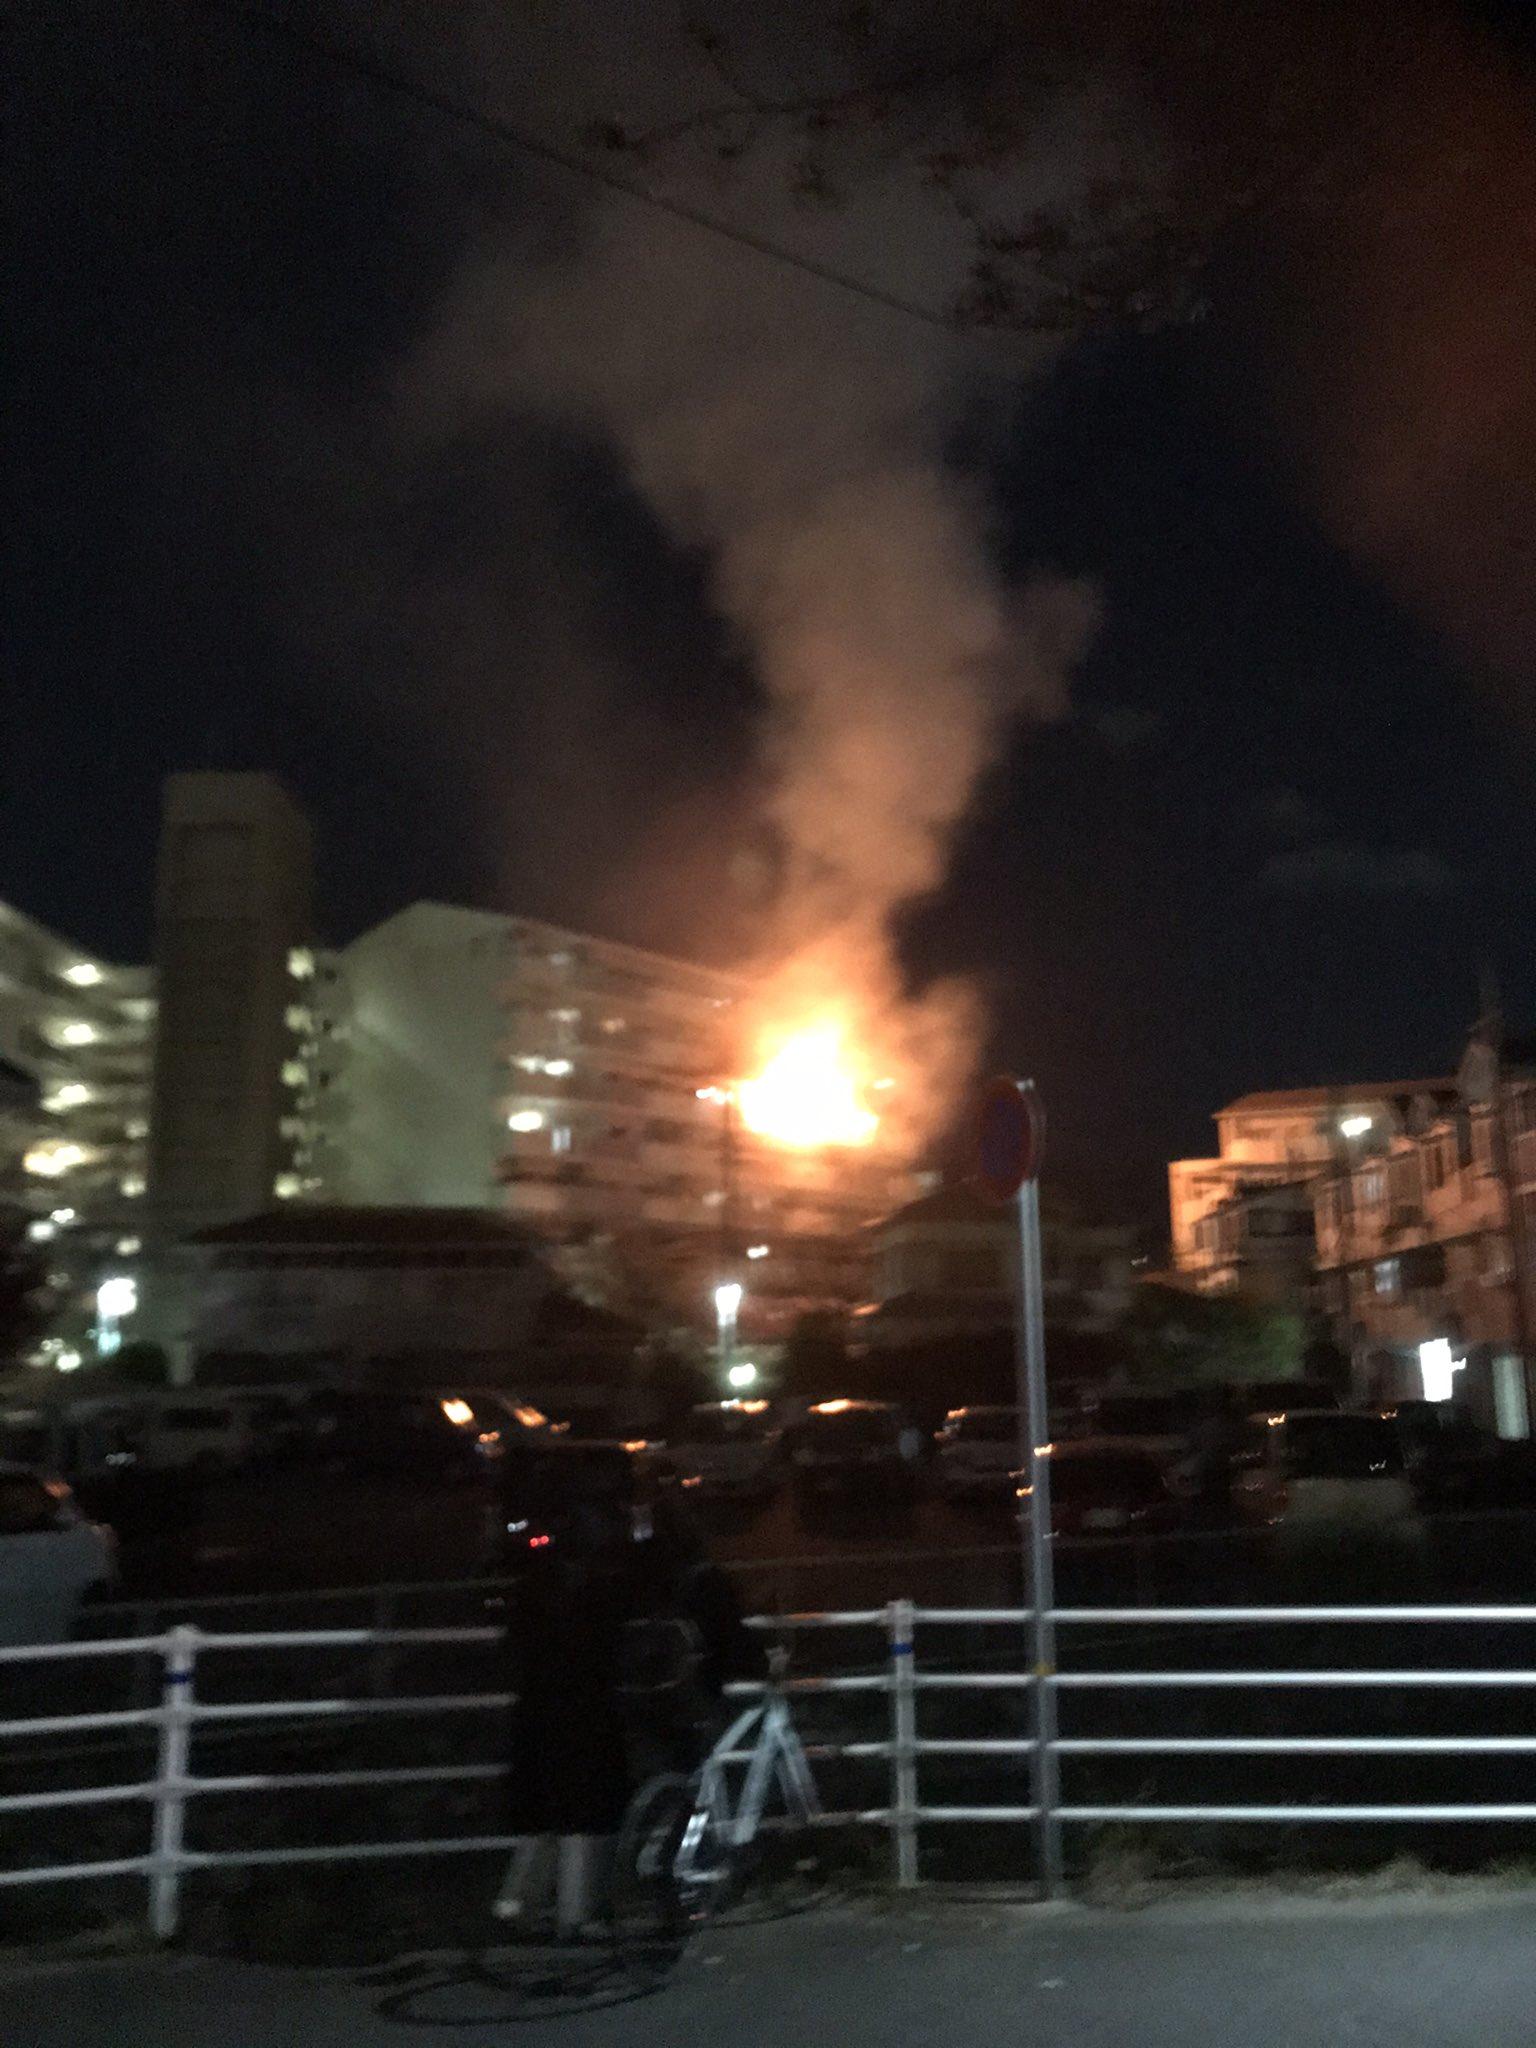 宝塚市泉町の火事の現場の画像